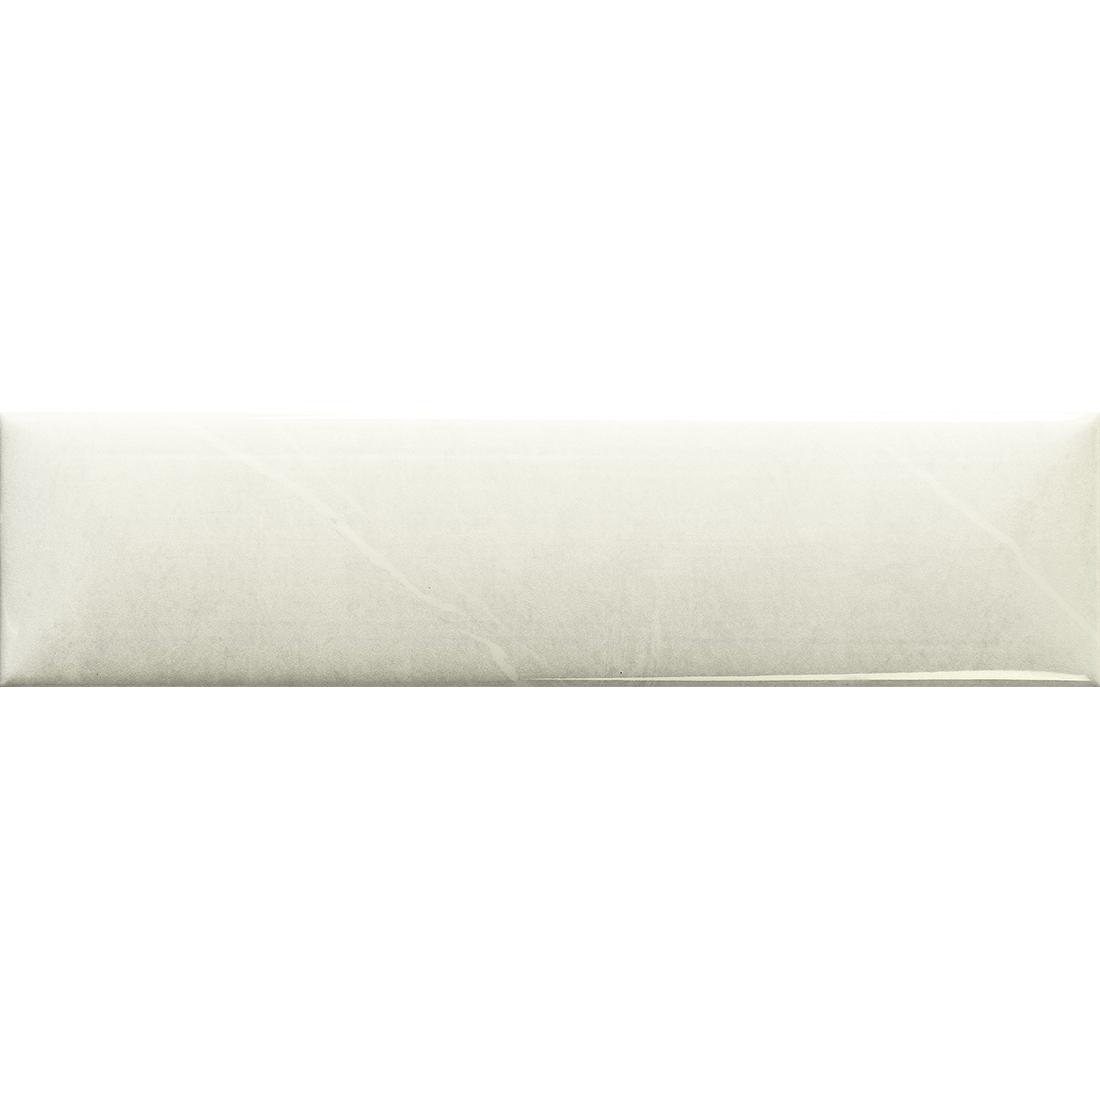 Bombato Eternal 7.5x30 Cream Gloss 1